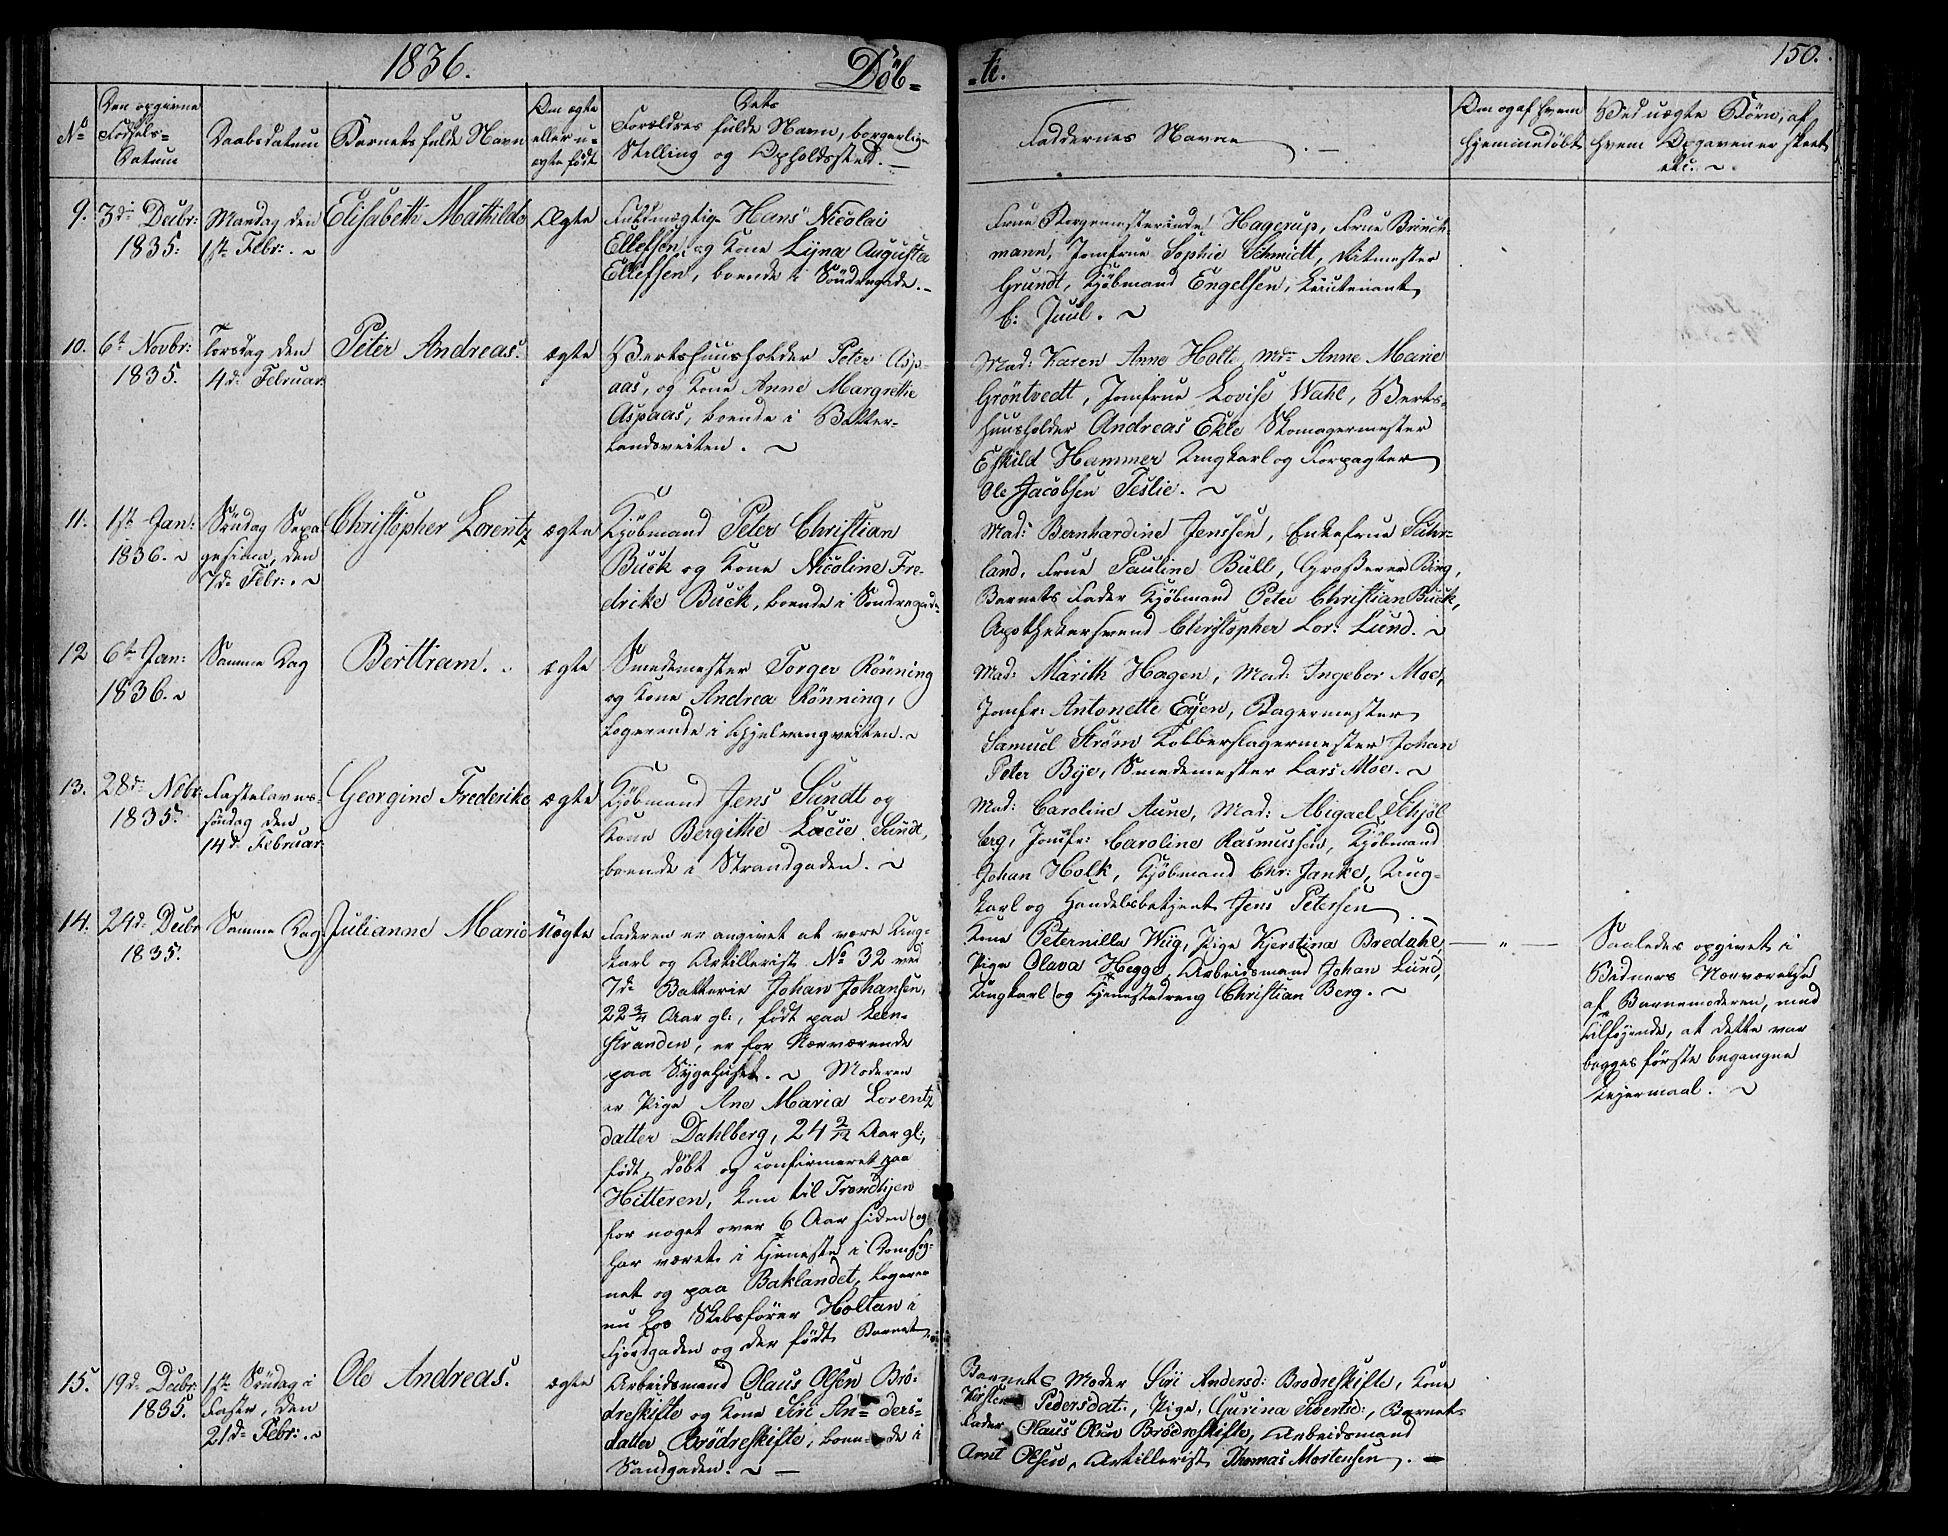 SAT, Ministerialprotokoller, klokkerbøker og fødselsregistre - Sør-Trøndelag, 602/L0108: Ministerialbok nr. 602A06, 1821-1839, s. 150